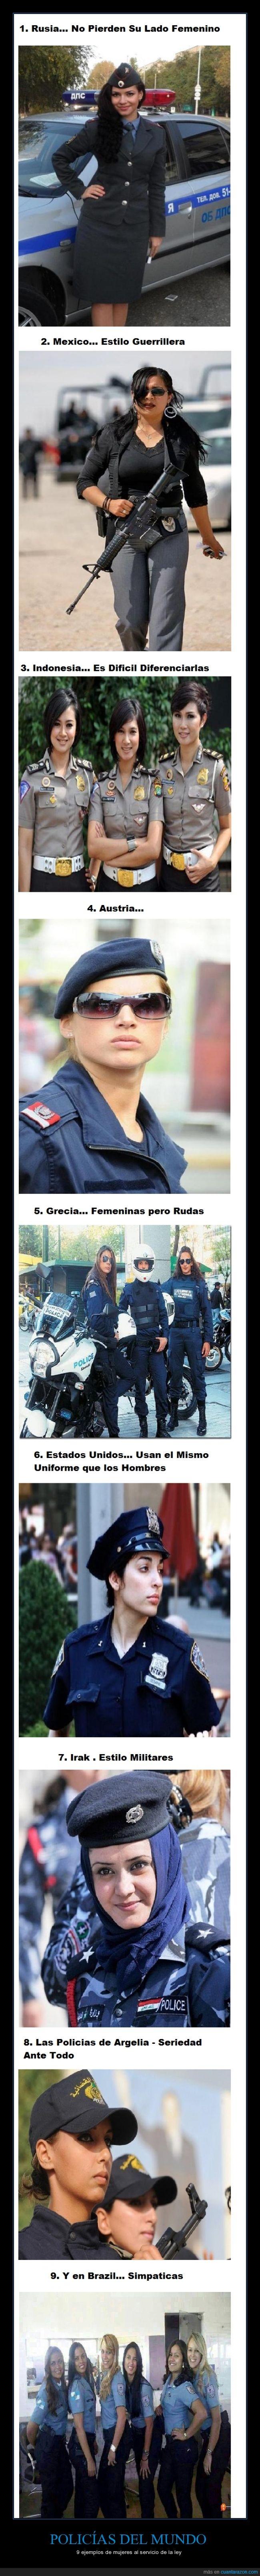 Argelia,Brasil,chicas,Estados unidos,Mexico,mujeres,países,Policías